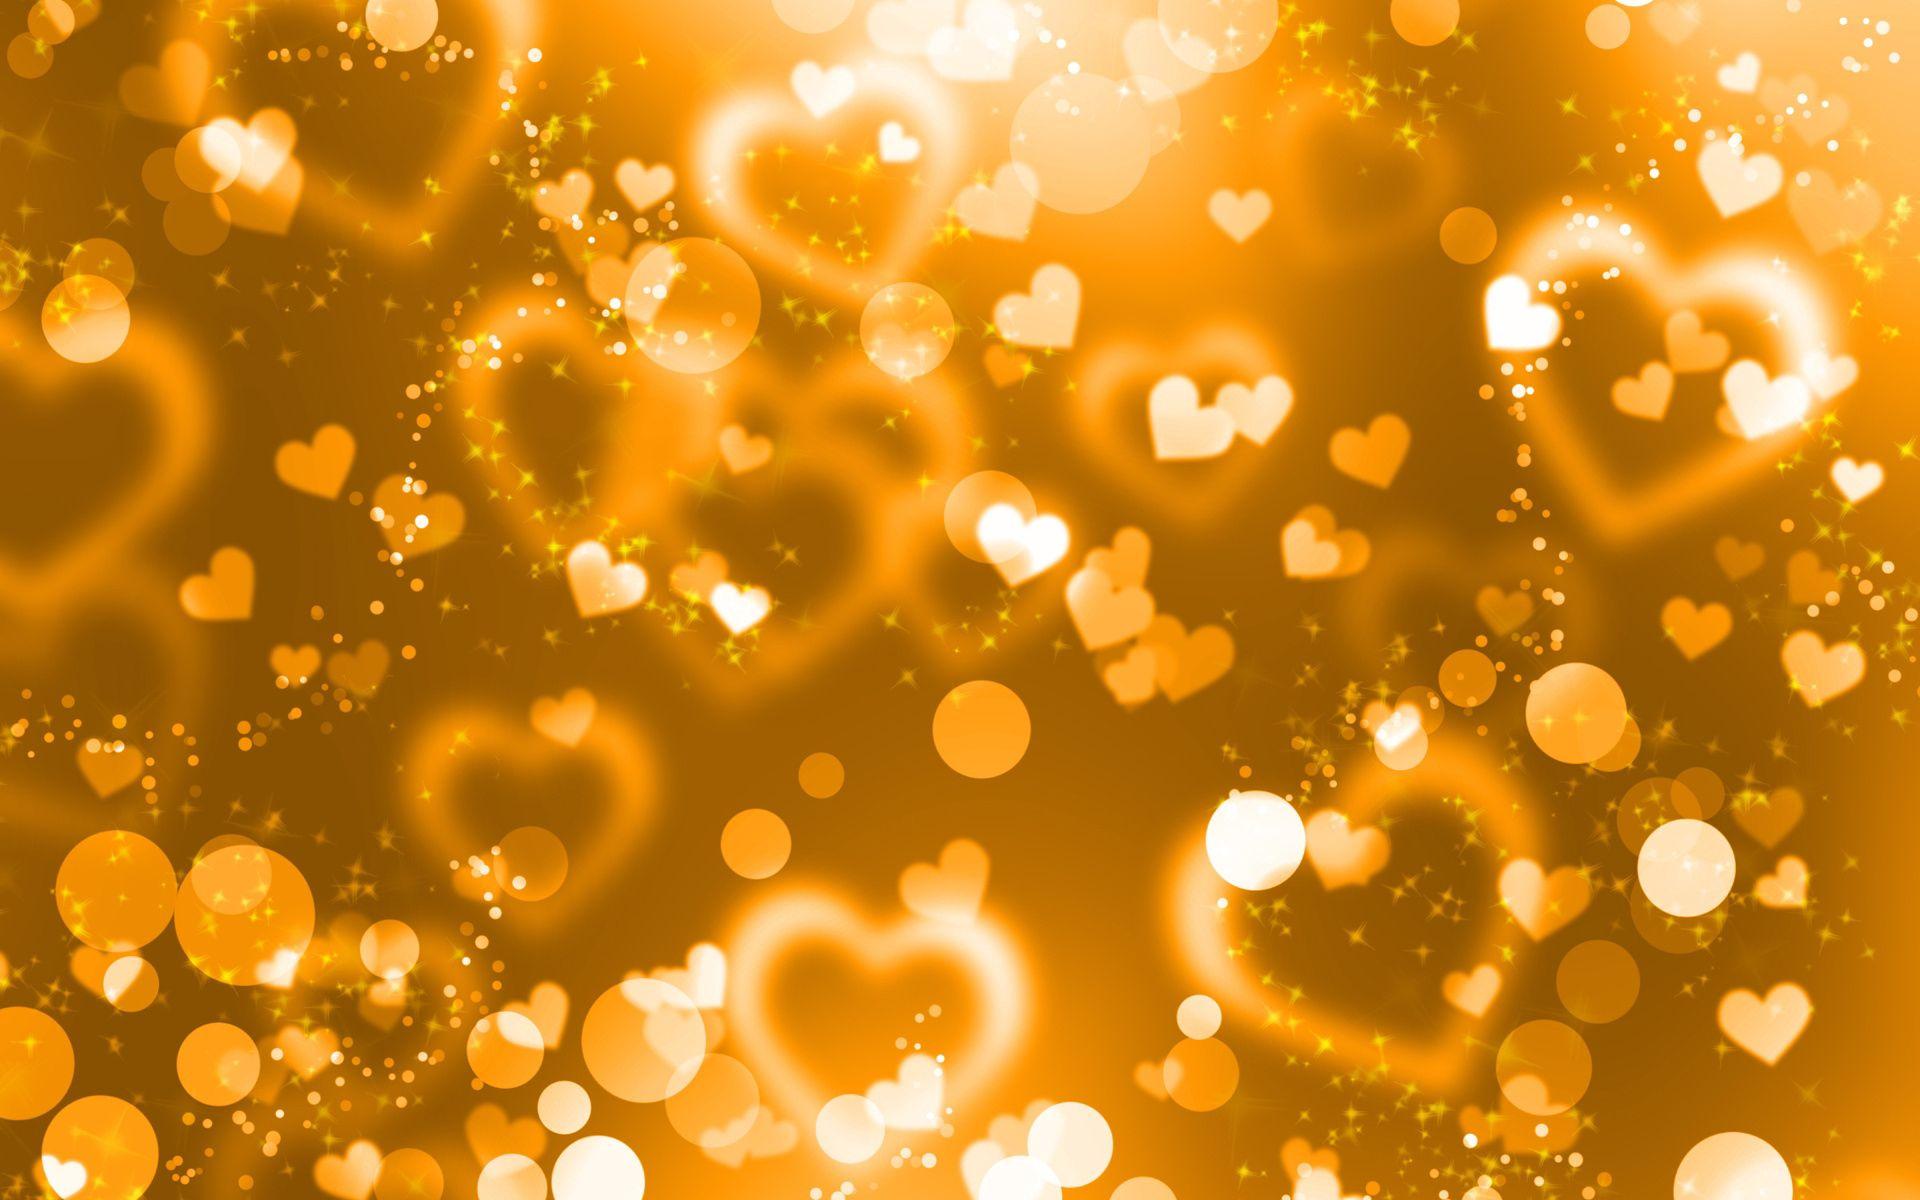 113701 Заставки и Обои Сердца на телефон. Скачать Сердца, Абстракция, Сияние, Золото, Блики, Блеск картинки бесплатно